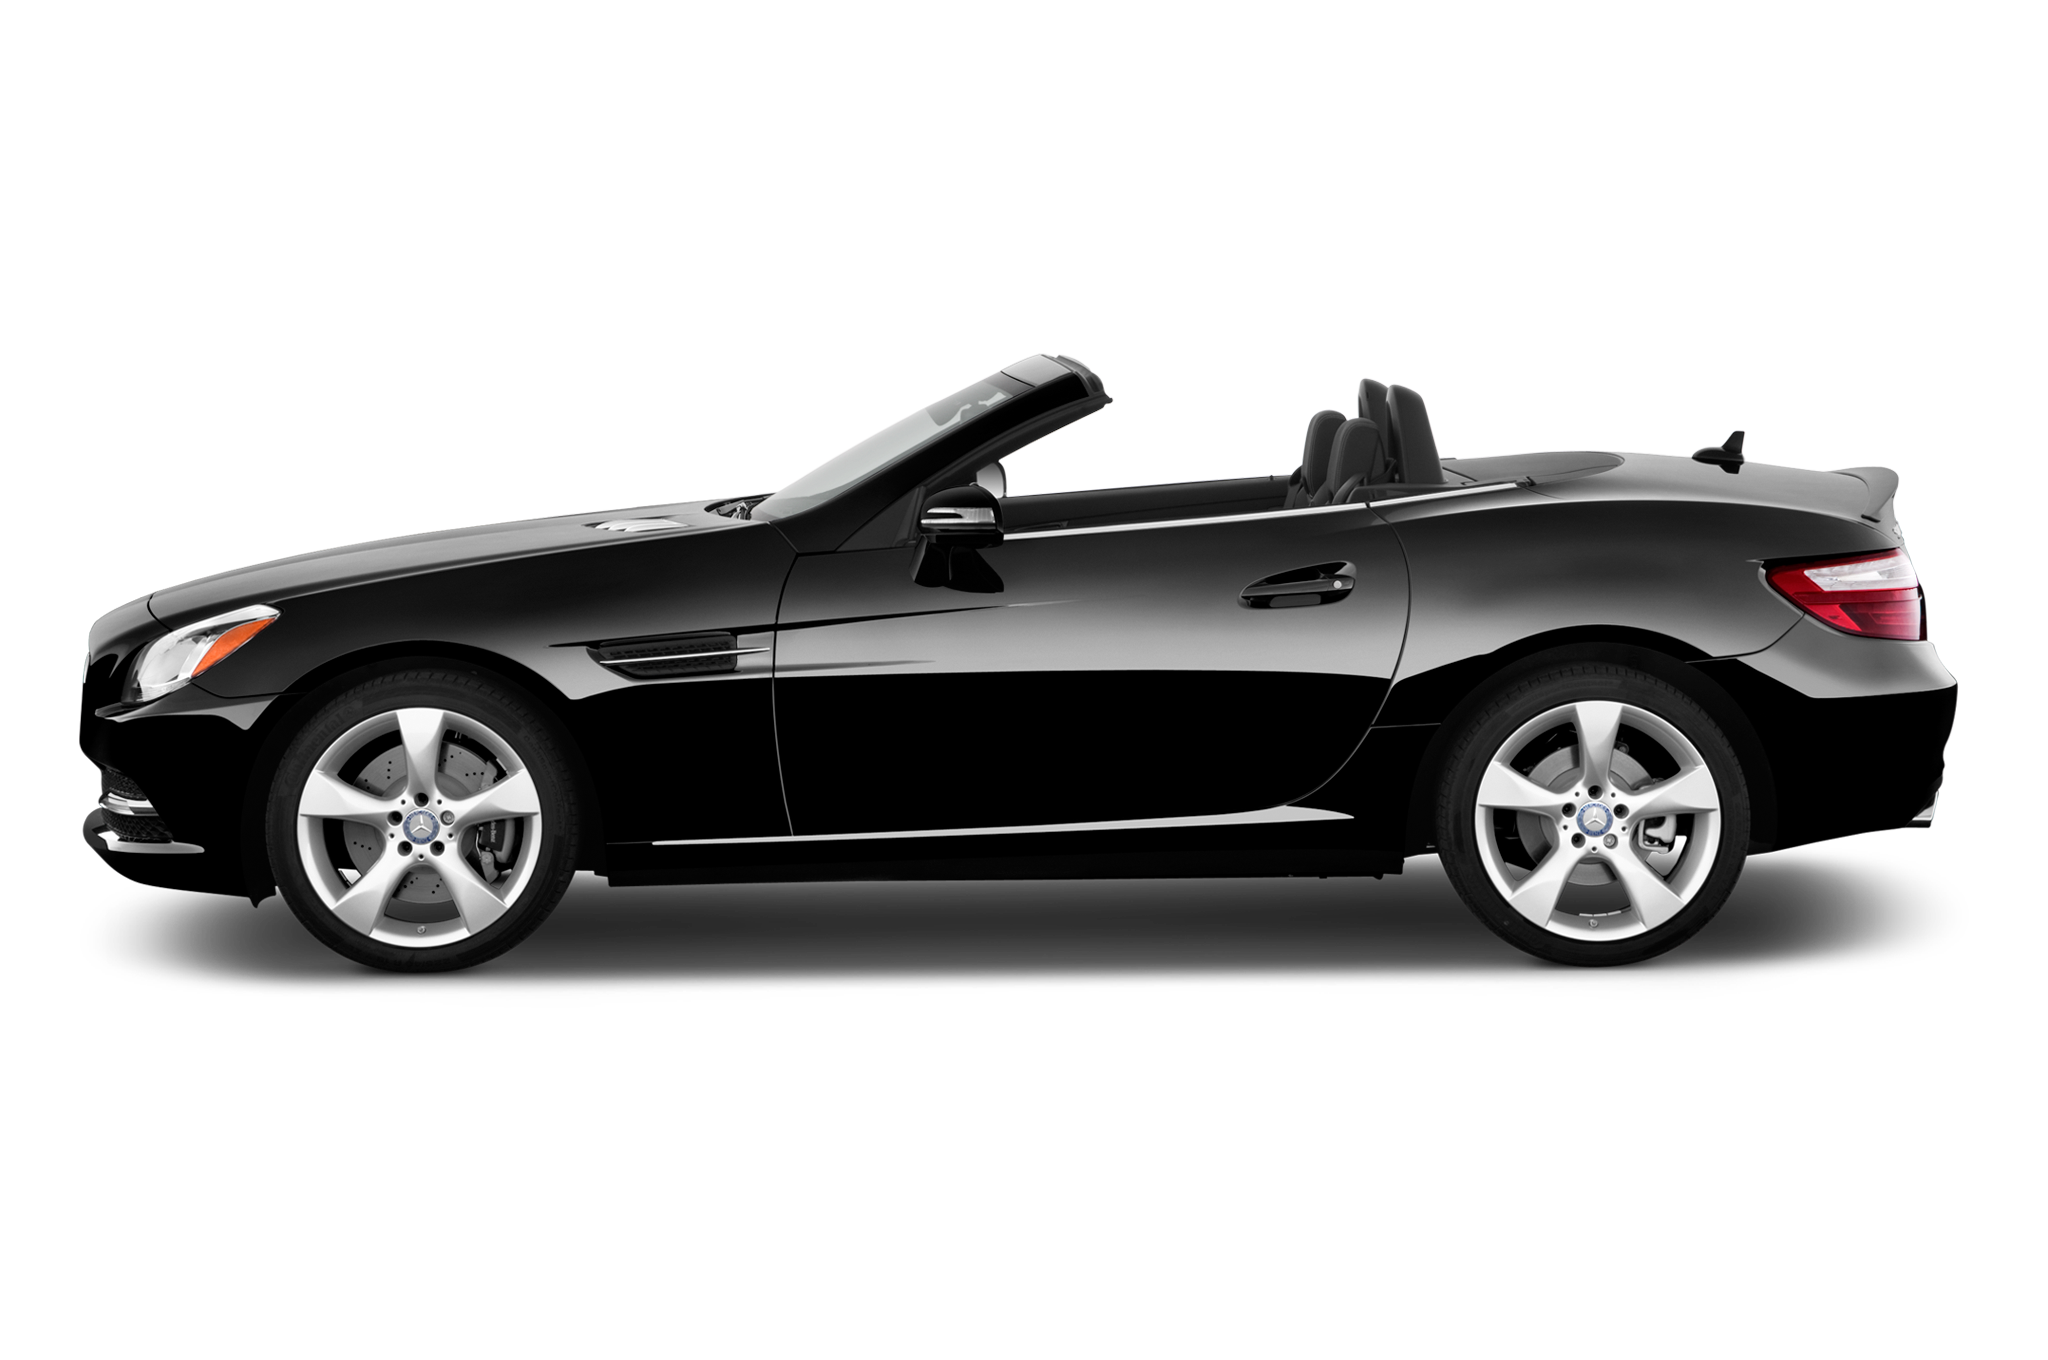 Mercedes-Benz SLC-klasse I (R172) 2016 - now Roadster #5